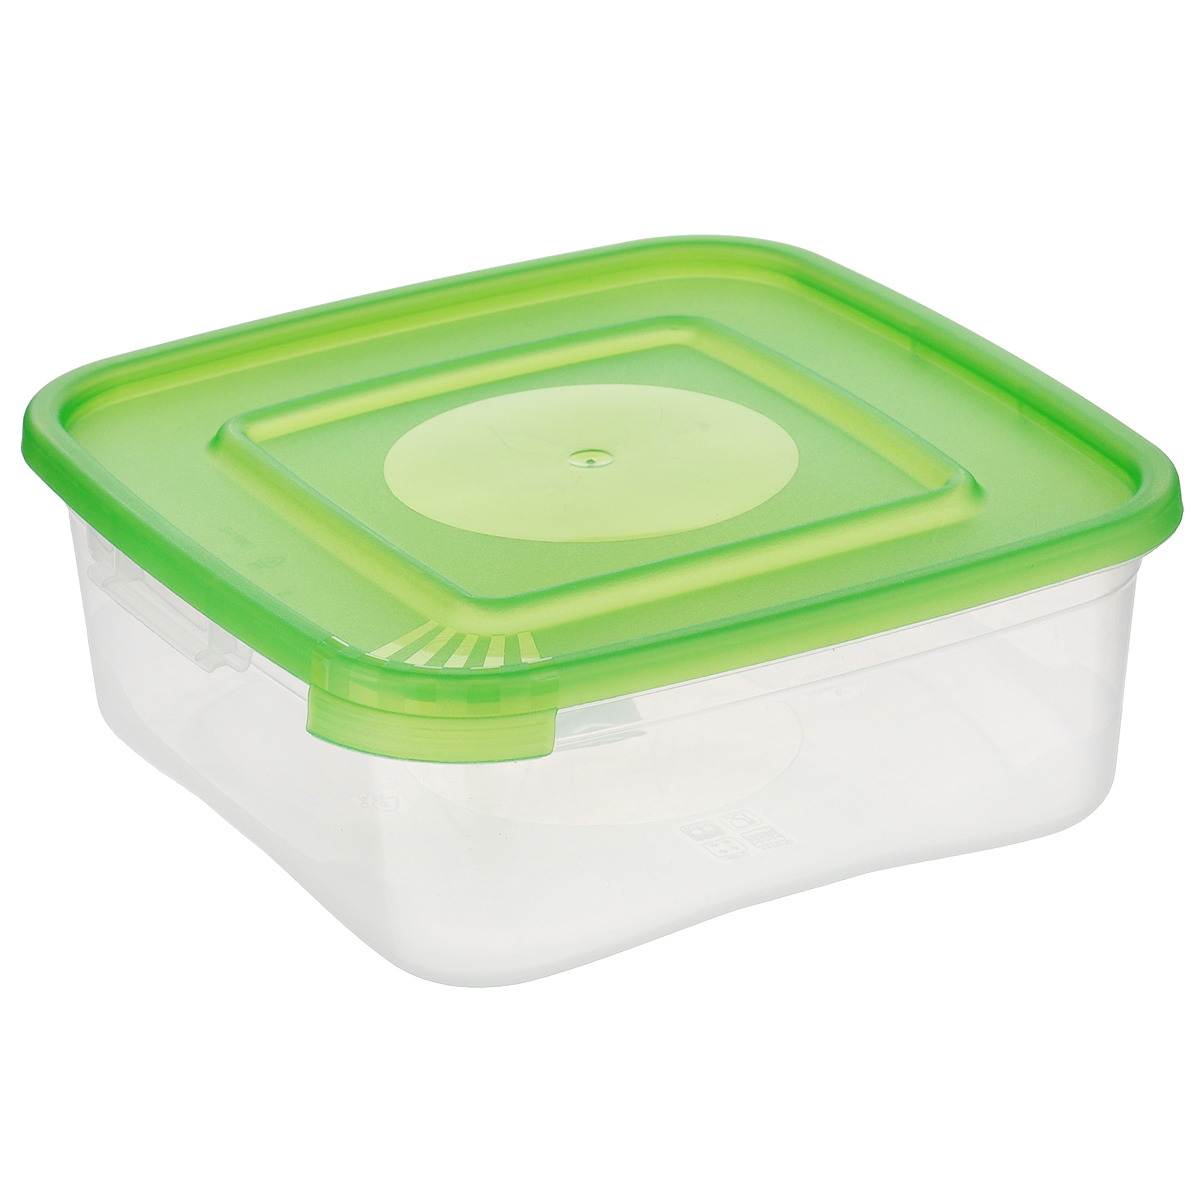 Контейнер для СВЧ Полимербыт Каскад, цвет: салатовый, 700 млС640 салатовыйКонтейнер для СВЧ Полимербыт Каскад изготовлен из высококачественного прочного пластика, устойчивого к высоким температурам (до +110°С). Стенки контейнера прозрачные, что позволяет видеть содержимое. Цветная полупрозрачная крышка плотно закрывается. Контейнер идеально подходит для хранения пищи, его удобно брать с собой на работу, учебу, пикник или просто использовать для хранения пищи в холодильнике.Можно использовать в микроволновой печи и для заморозки в морозильной камере. Можно мыть в посудомоечной машине.